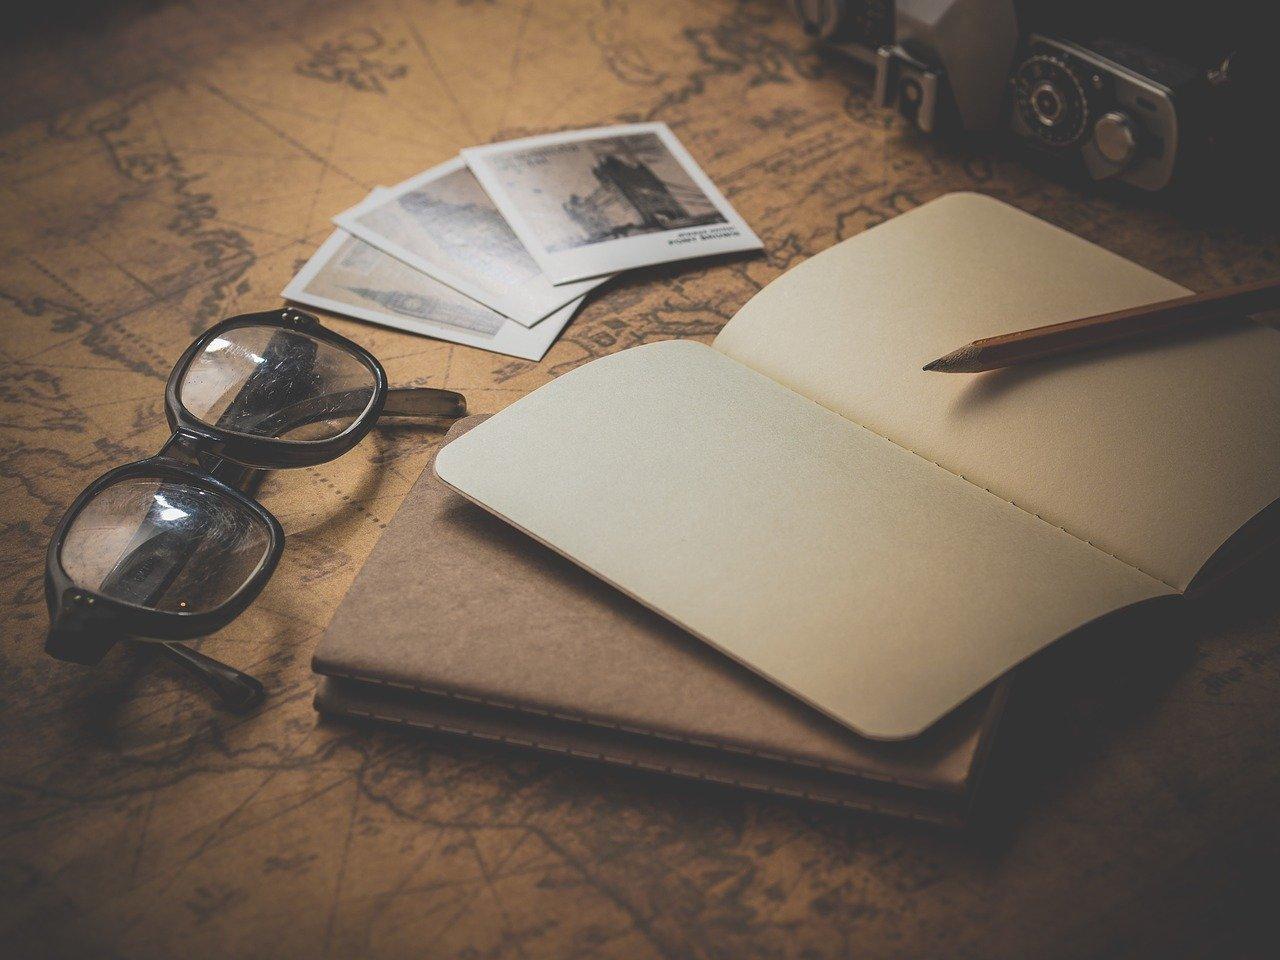 Al escribir se canalizan las emociones y se ordenan los pensamientos.